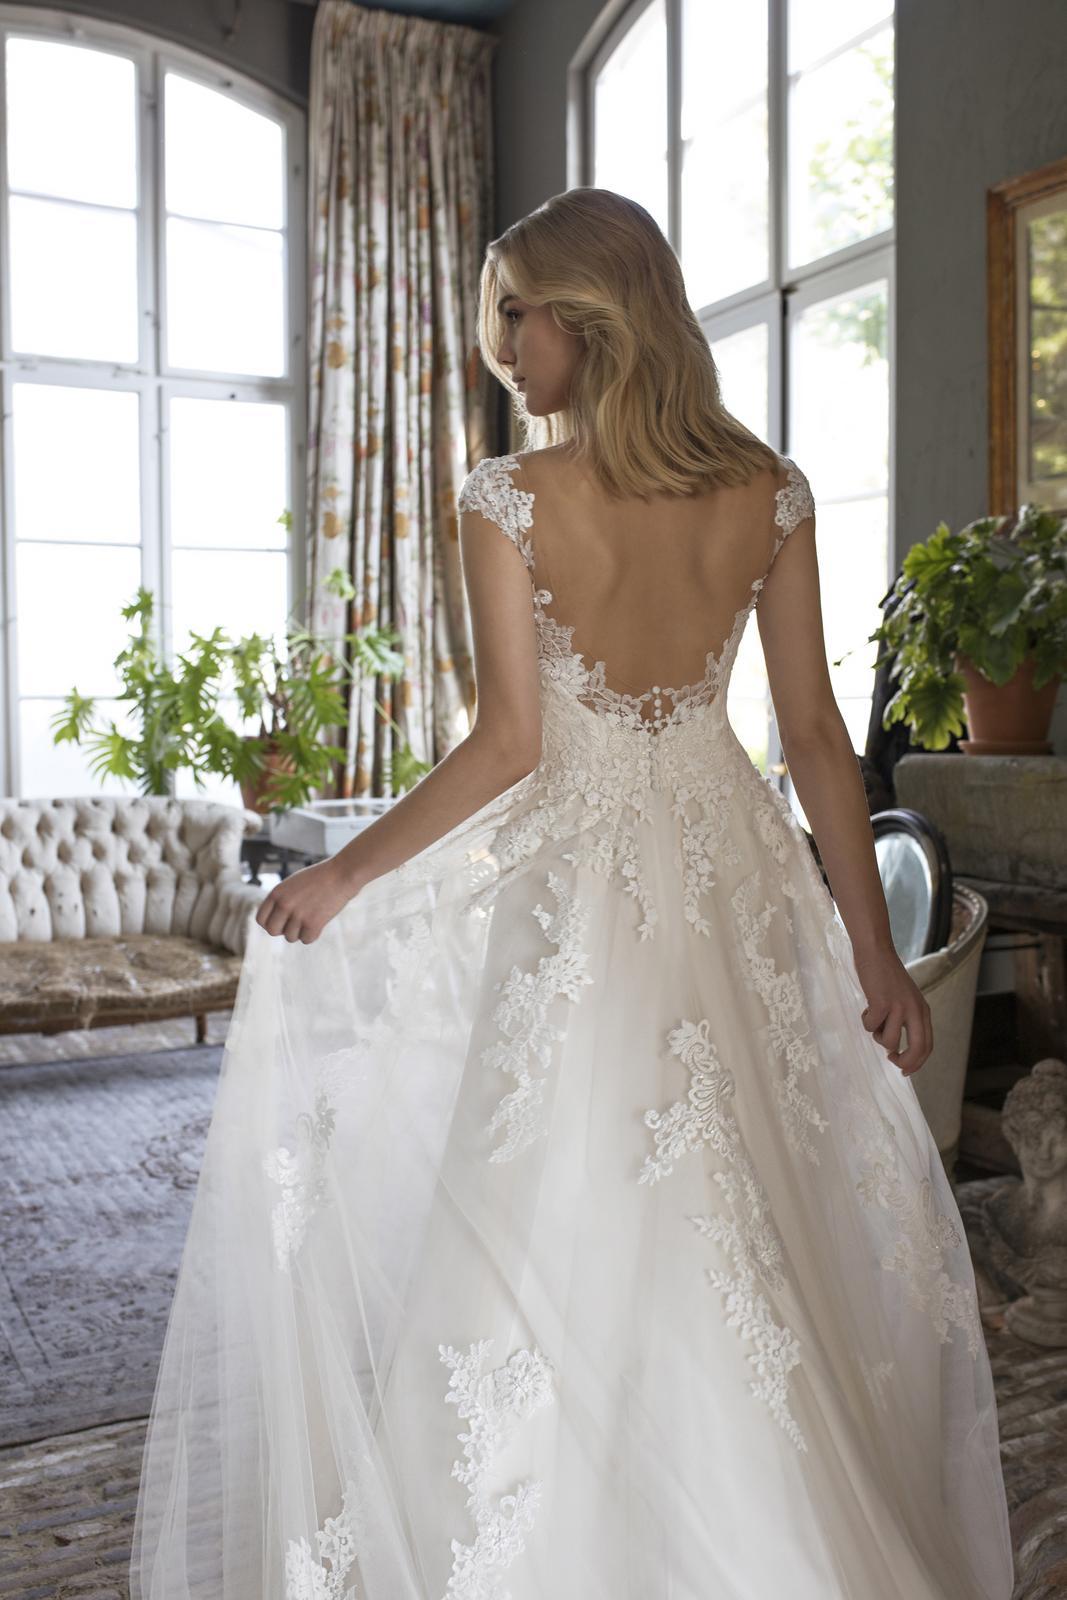 Romantická, elegantní, rebelka anebo bohémka? Jaký typ nevěsty jste vy? - Obrázek č. 18